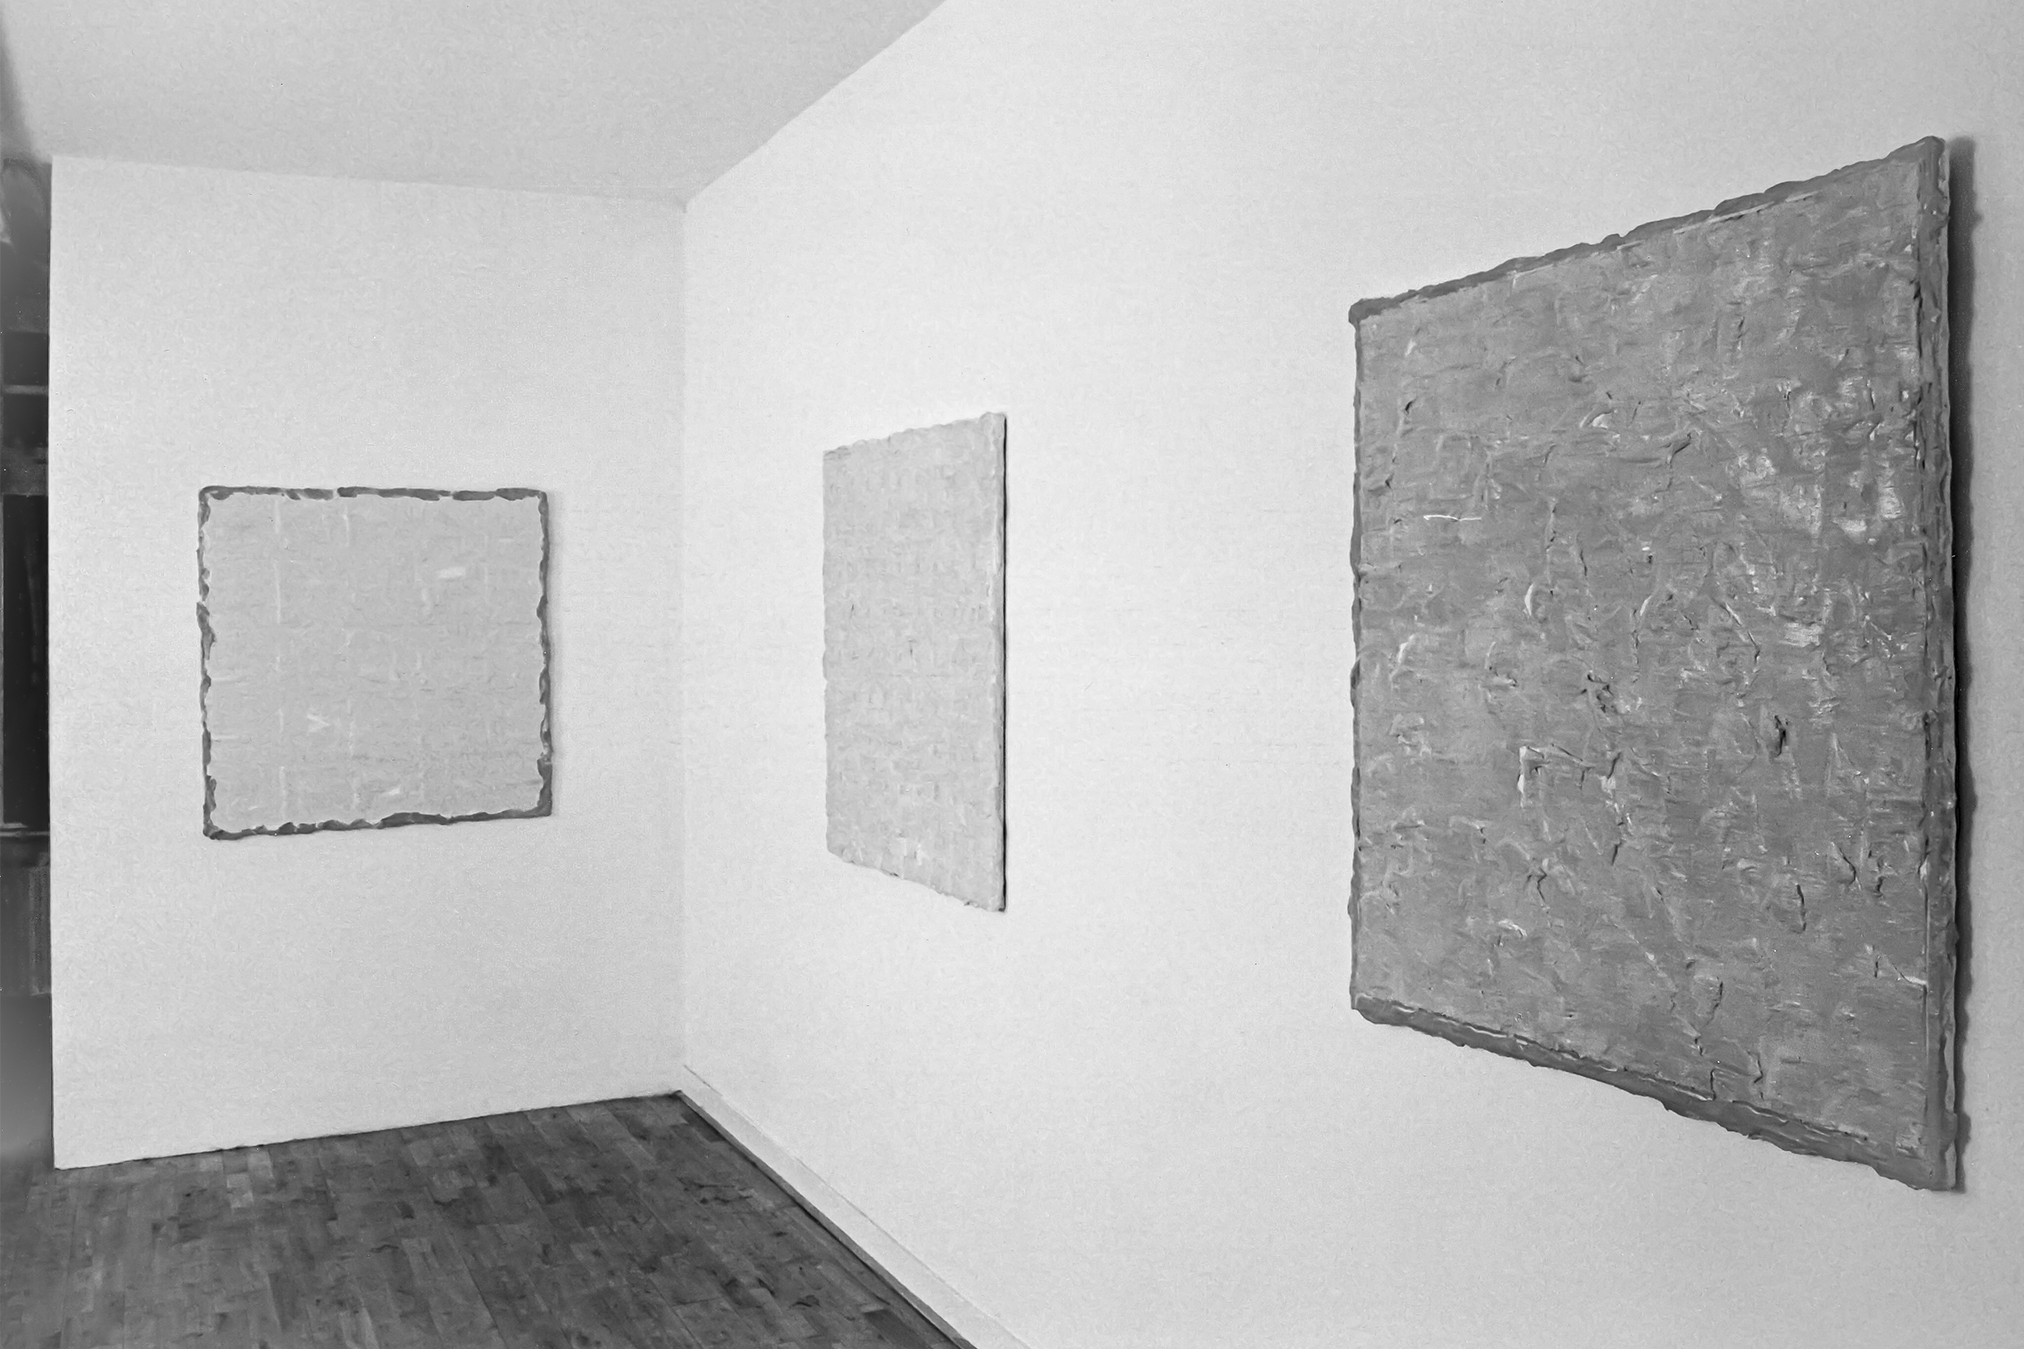 Eli-Content-Galerie-Onrust-1988-02